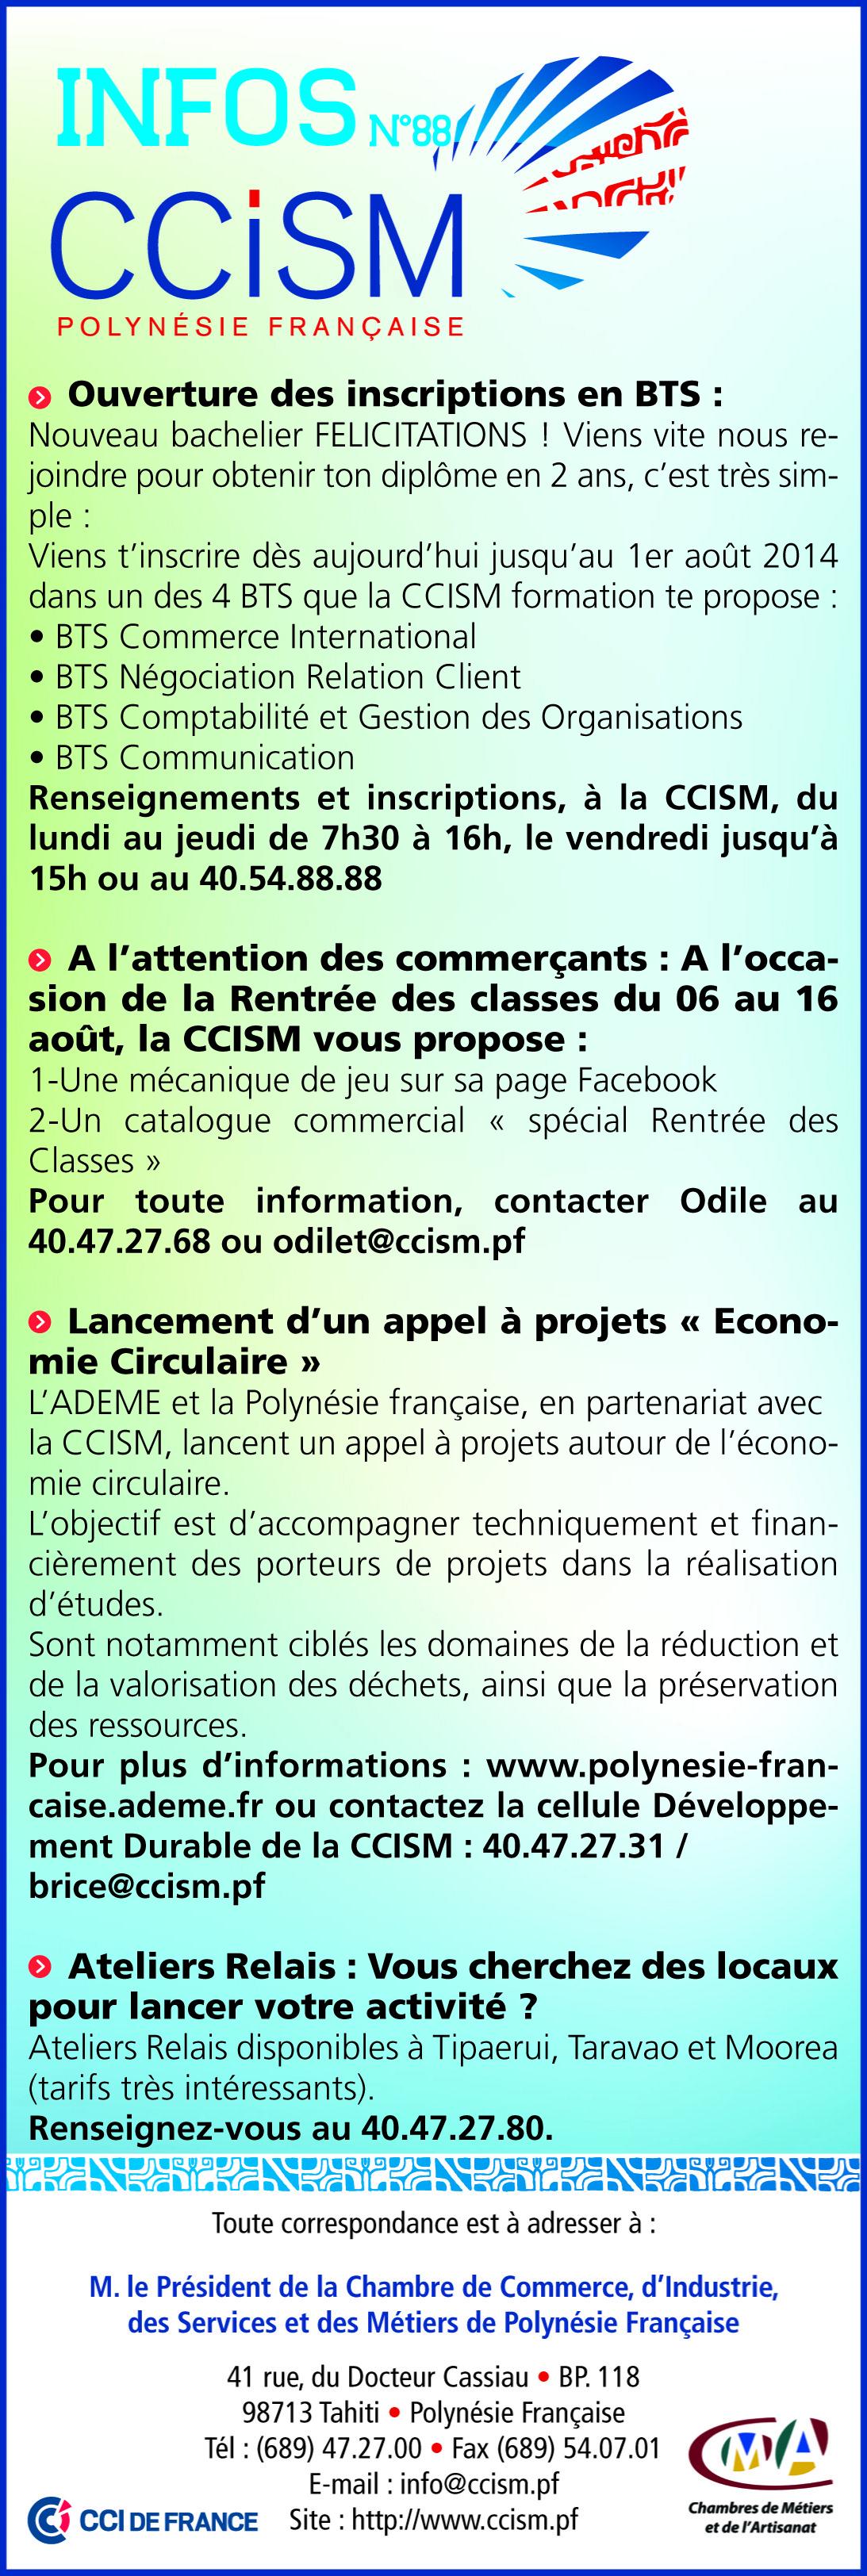 Infos CCISM N°88